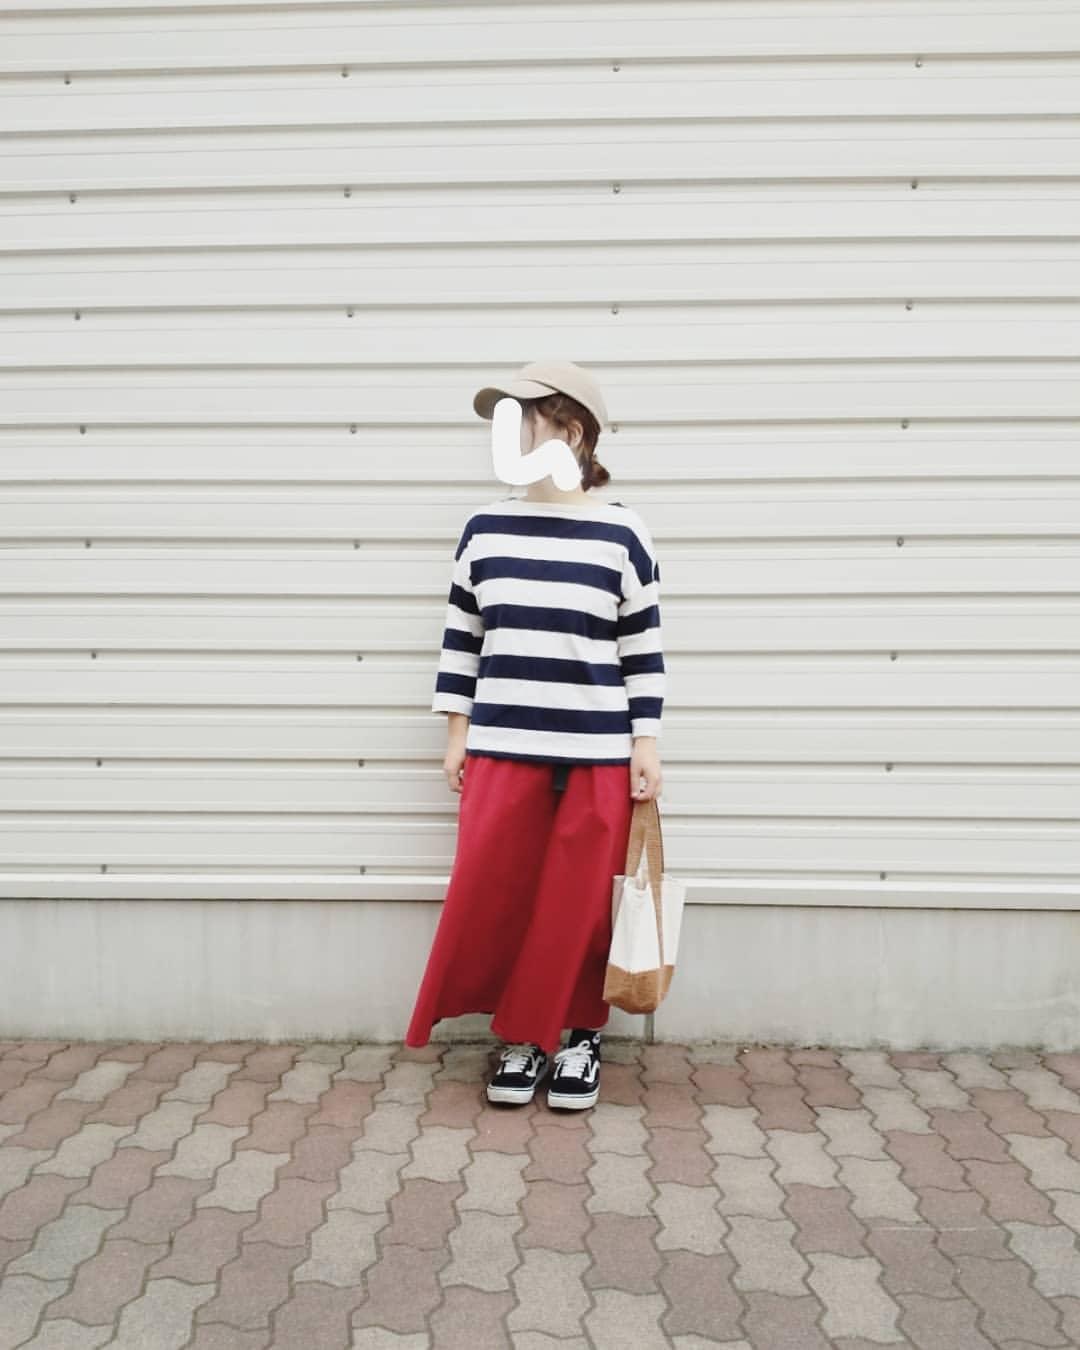 最高気温27度・最低気温19度 yoco_145cmの服装